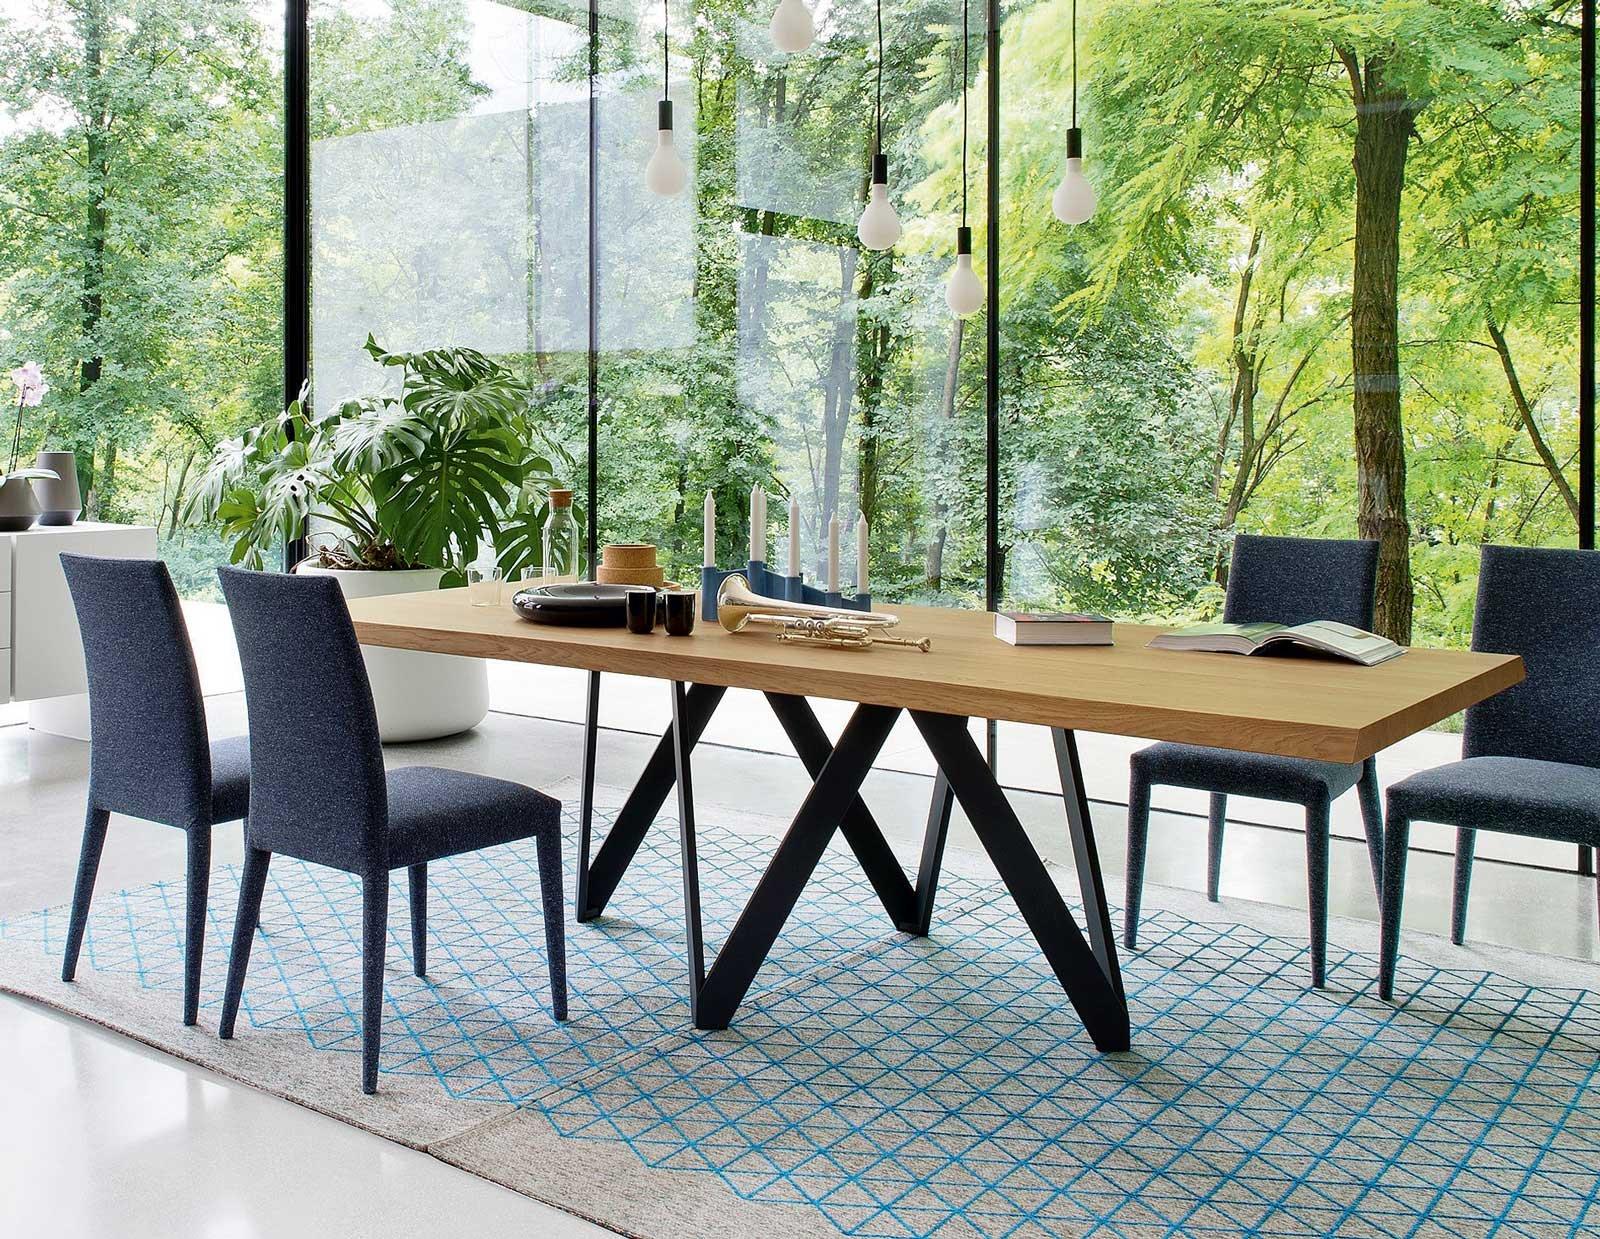 Tavoli sedie lampade come abbinarli cose di casa for Sedie tavolo pranzo